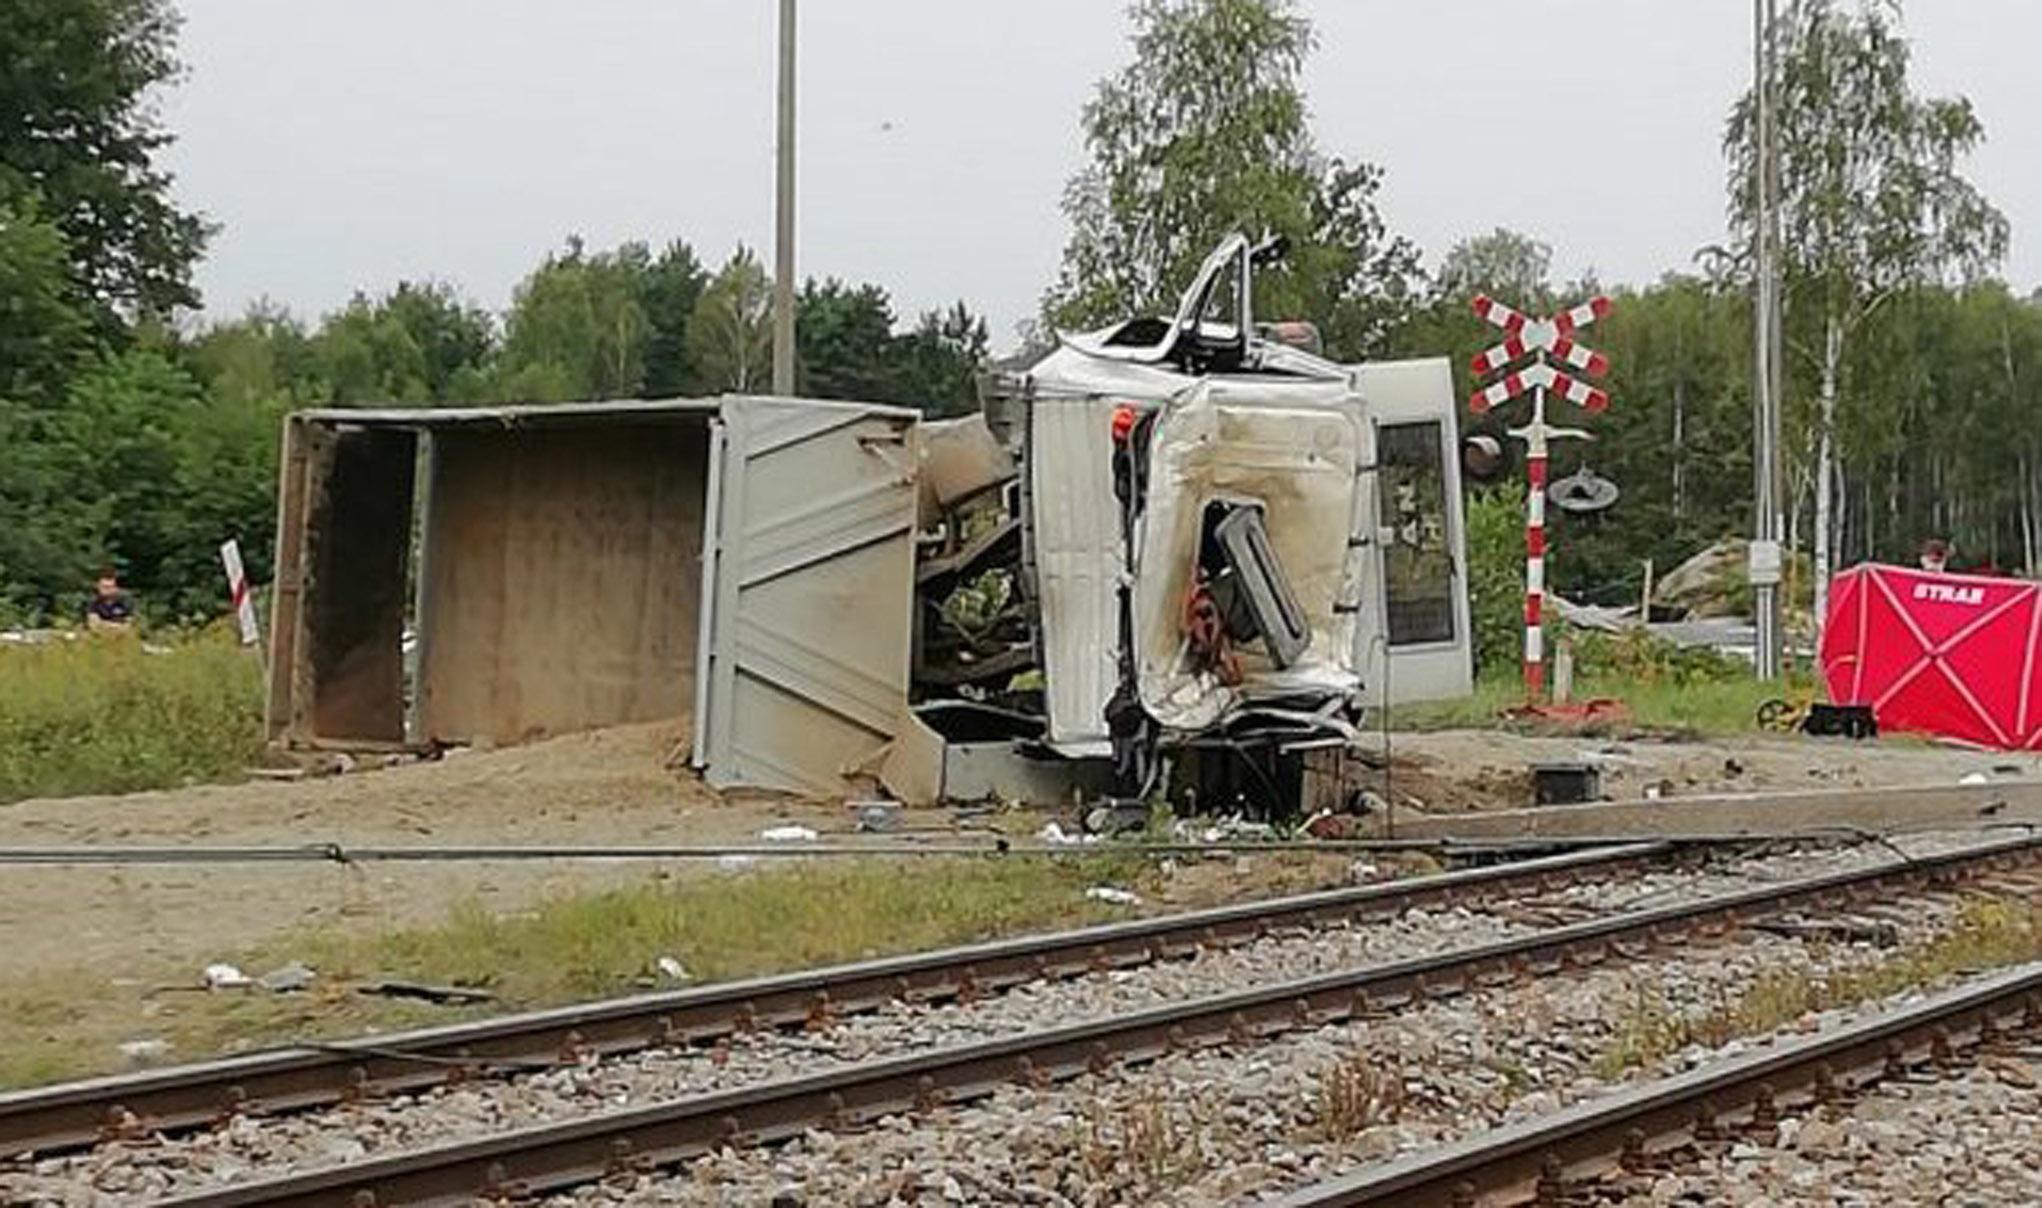 Podkarpacie. Śmiertelny wypadek na torach. Pociągi kierowane są przez Kolbuszową [MAPA] [AKTUALIZACJA] [FOTO] - Zdjęcie główne